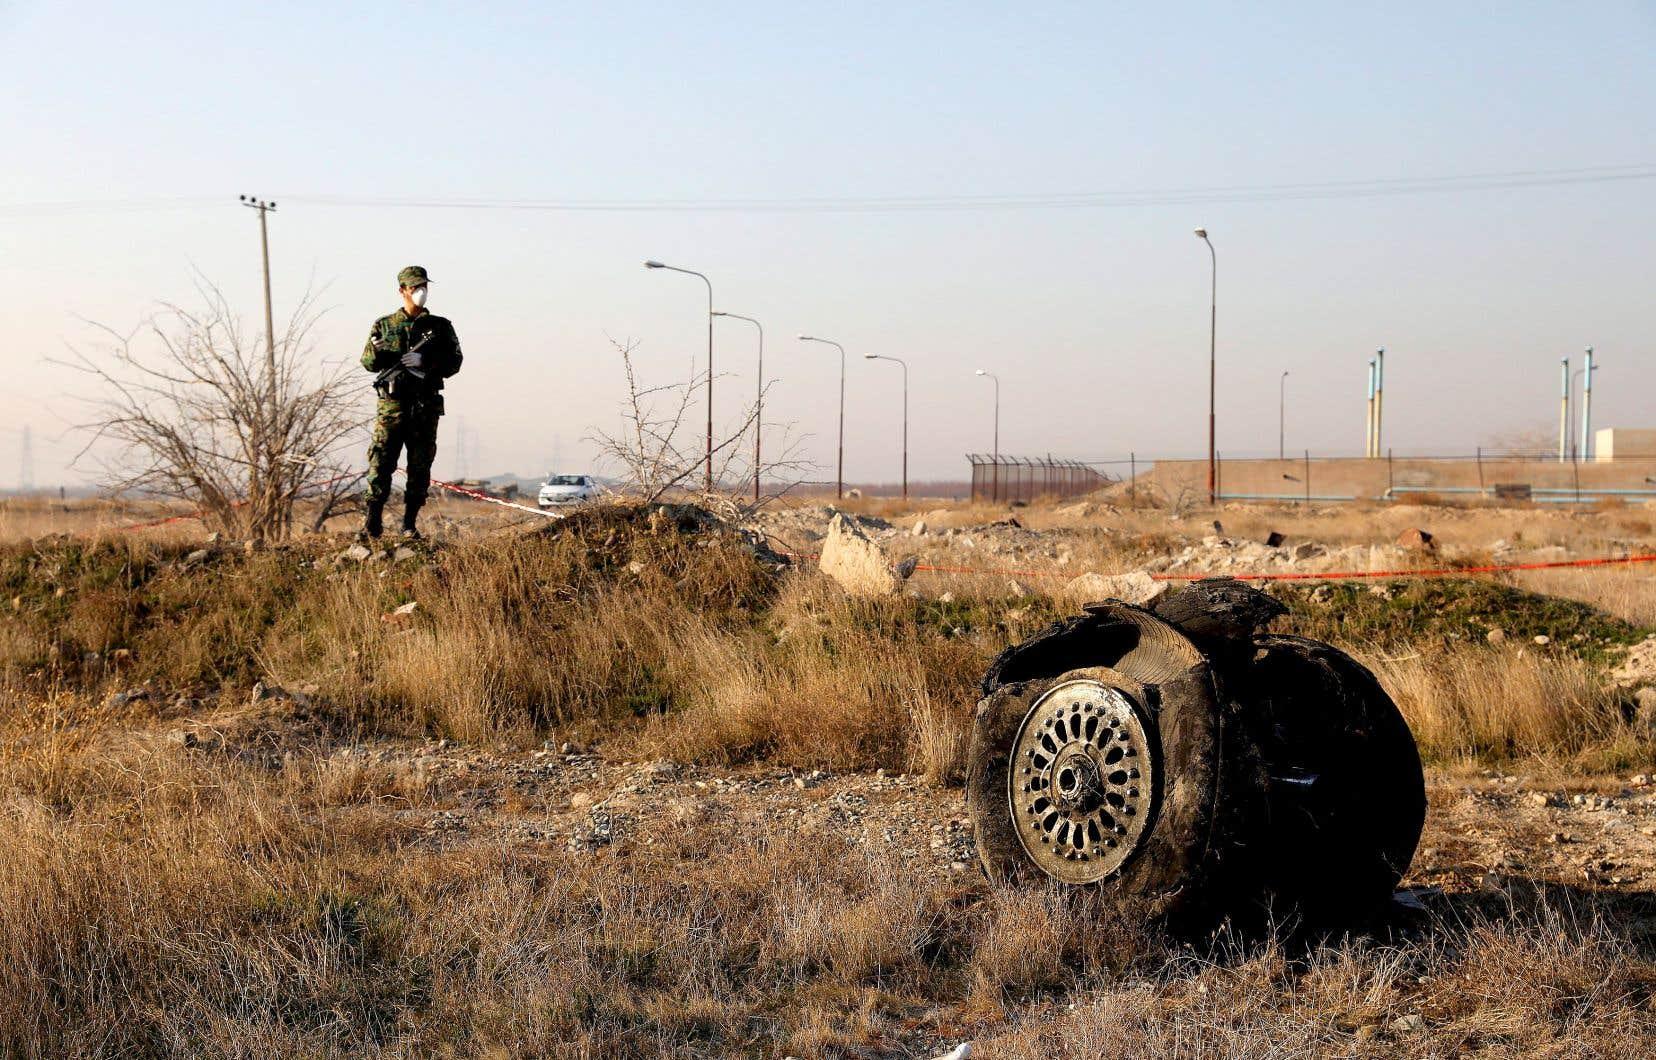 Après trois jours de déni en janvier 2020 face à des preuves de plus en plus nombreuses, l'Iran a finalement reconnu que ses gardiens de la révolution avaient abattu par erreur l'avion de ligne ukrainien avec deux missiles sol-air.